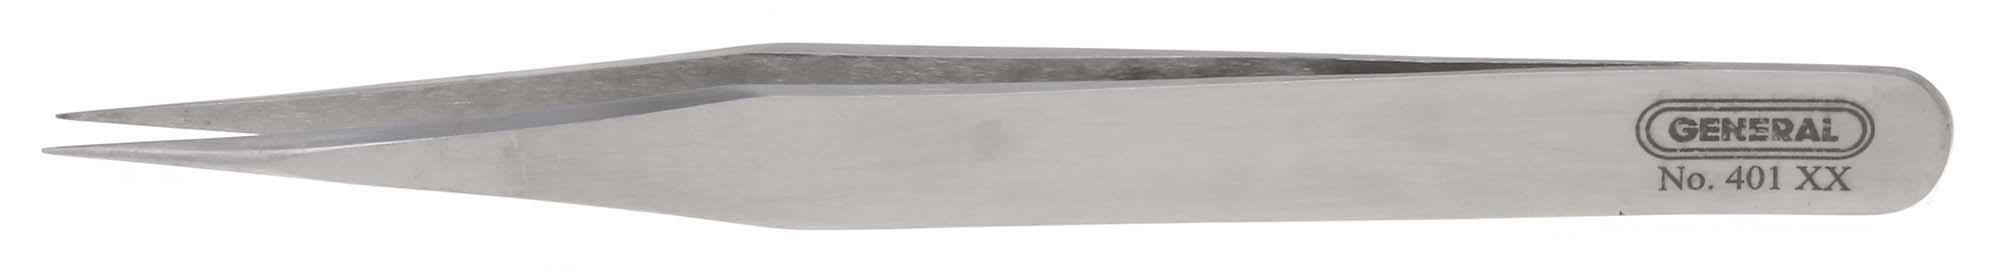 General 401XX Strong Sharp Industrial Tweezers